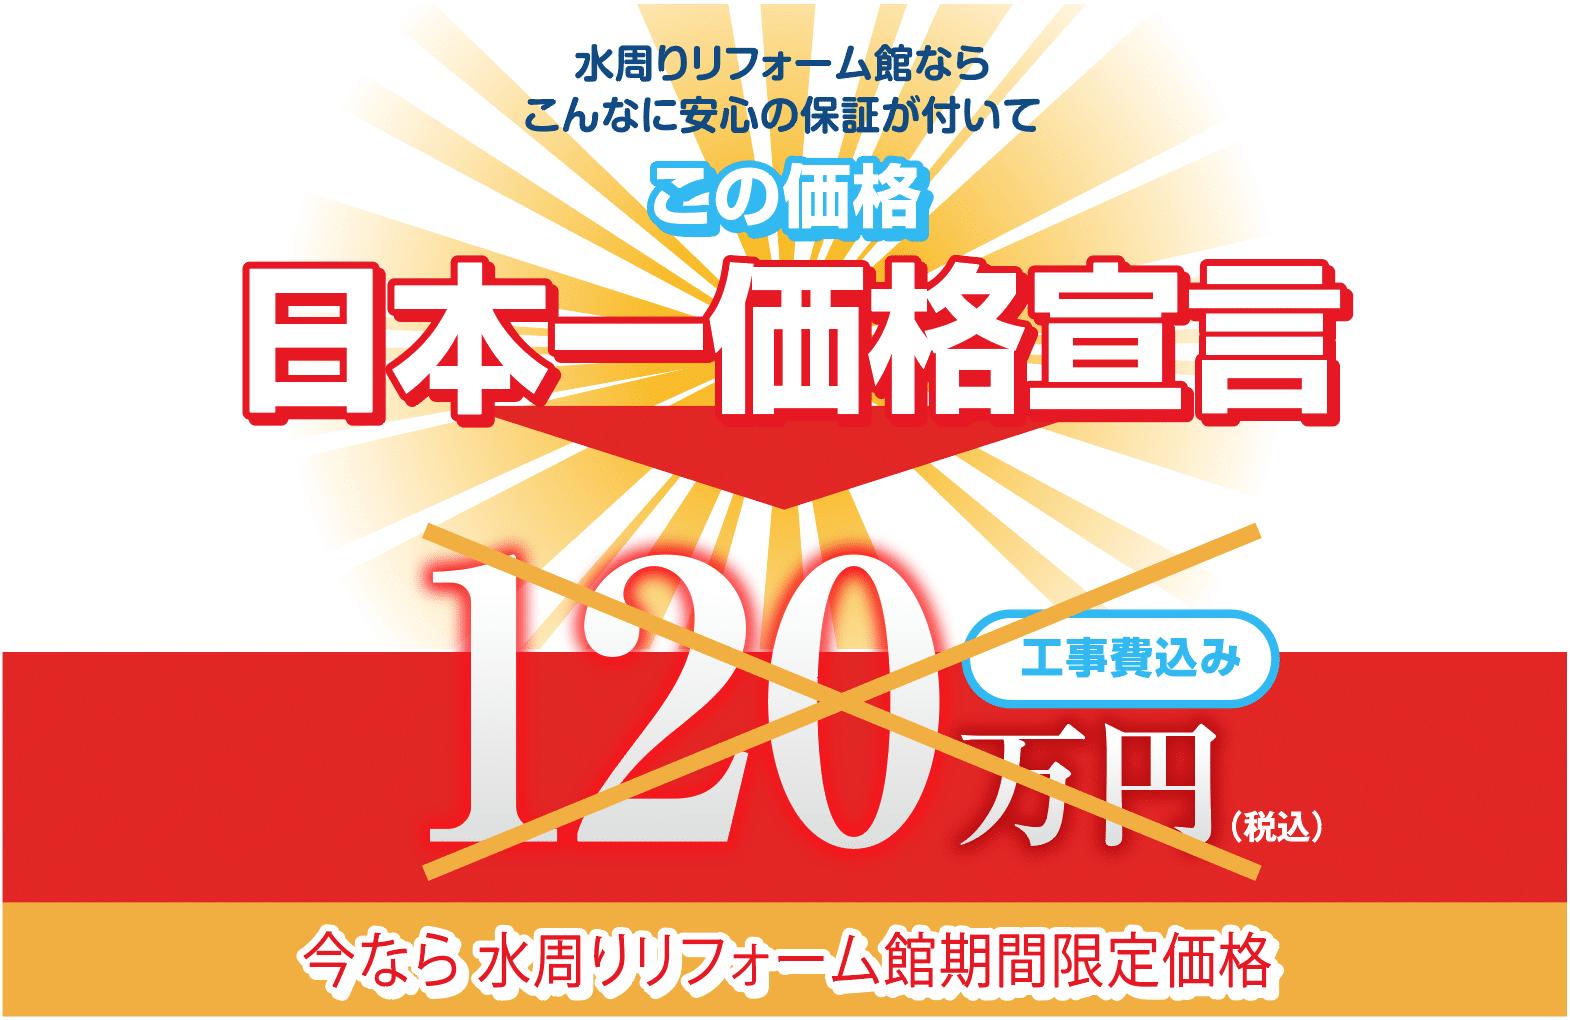 水周りリフォーム館日本一価格宣言